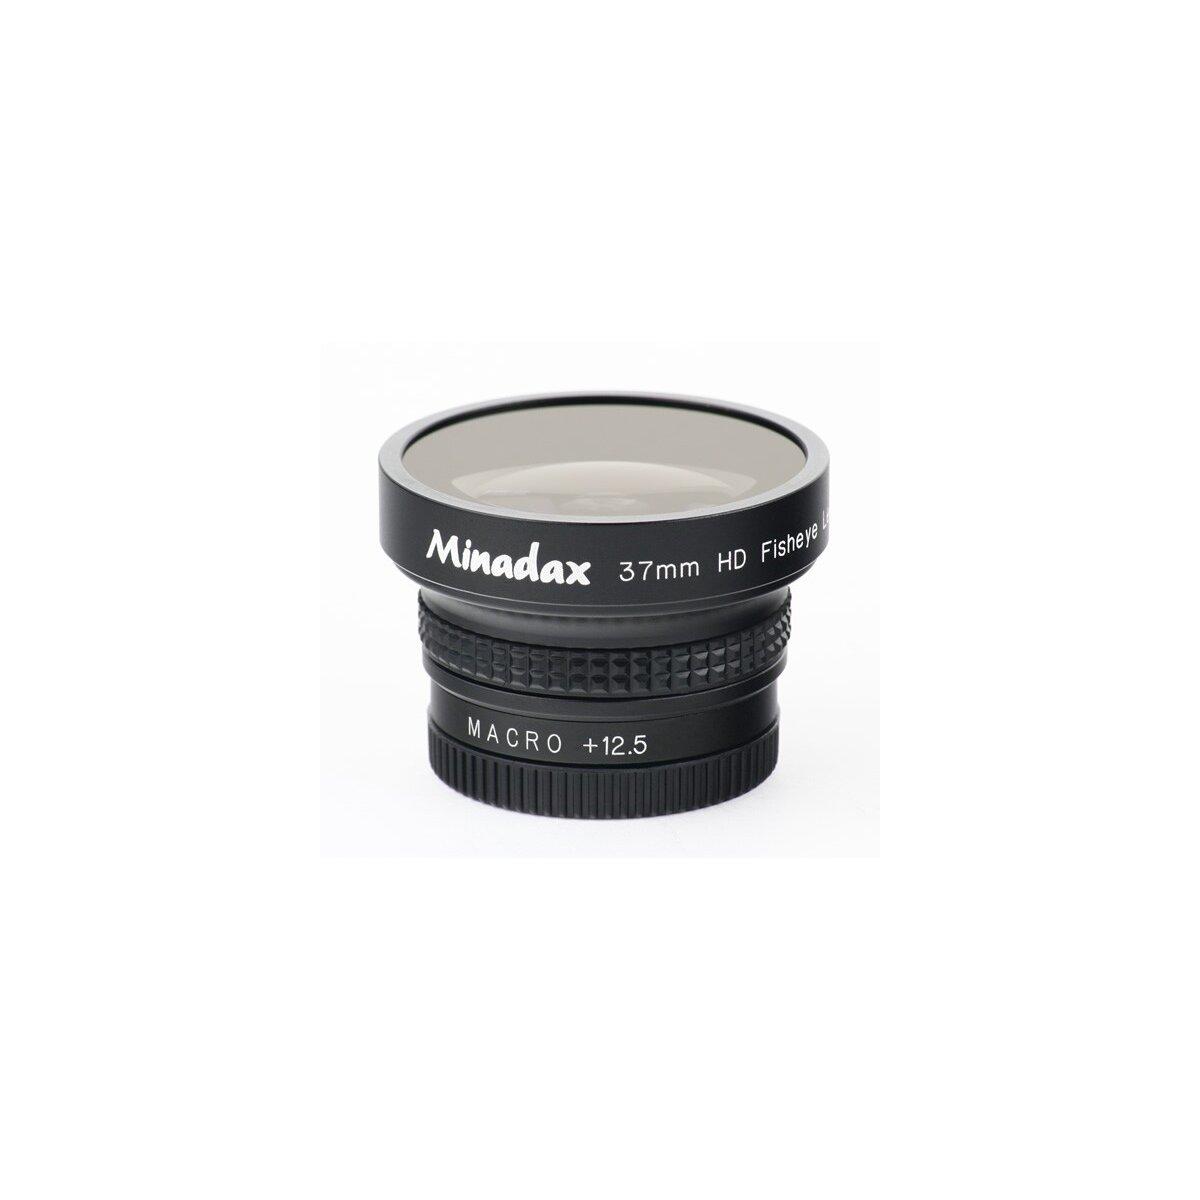 Minadax 0.42x Fisheye Vorsatz kompatibel mit Canon DC10, DC20, MVX450, MVX460